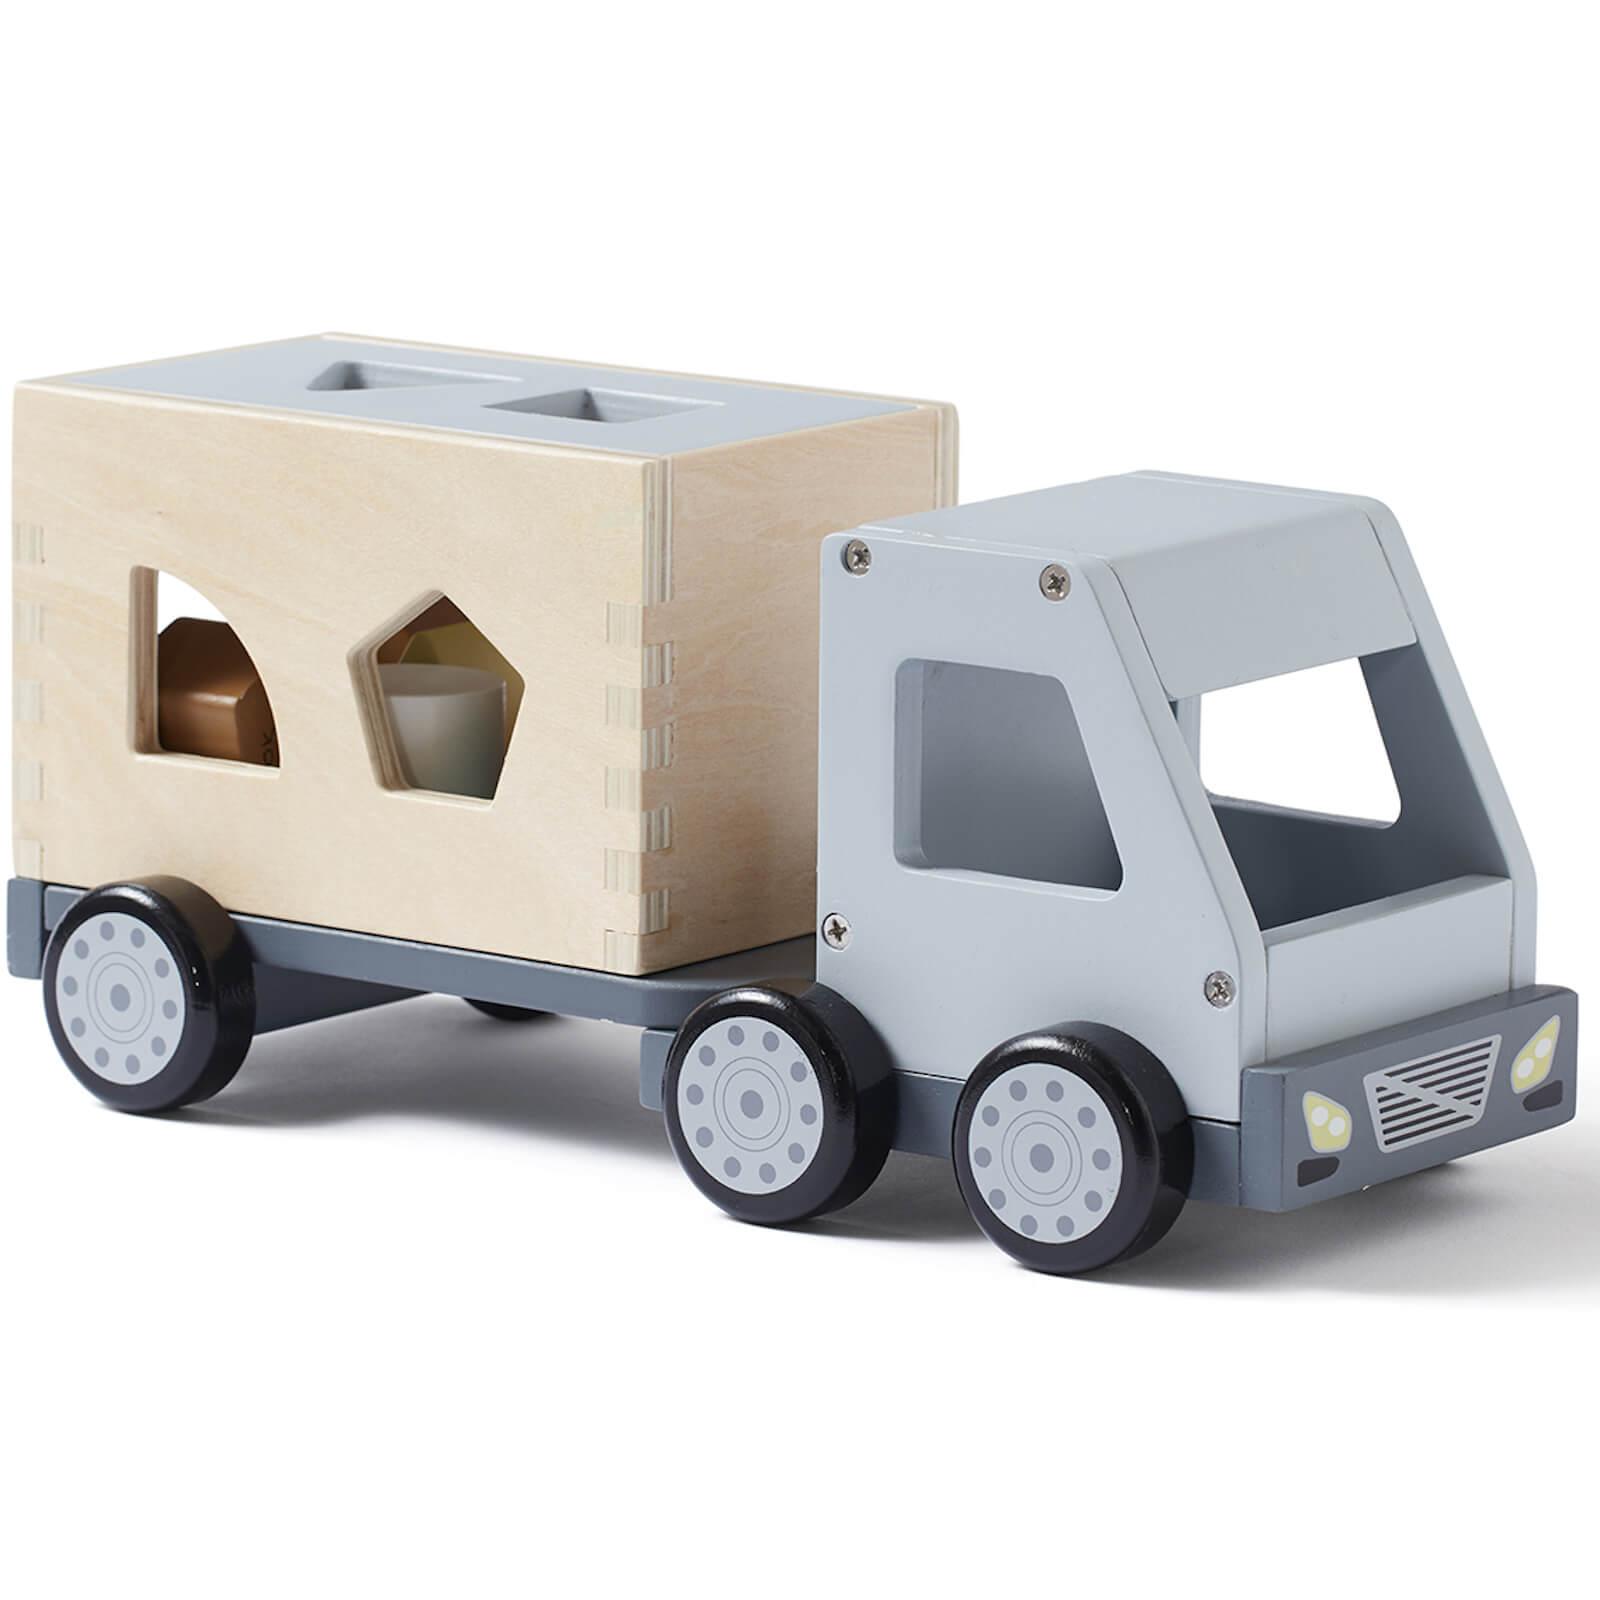 Kids Concept Sorter Truck - Grey